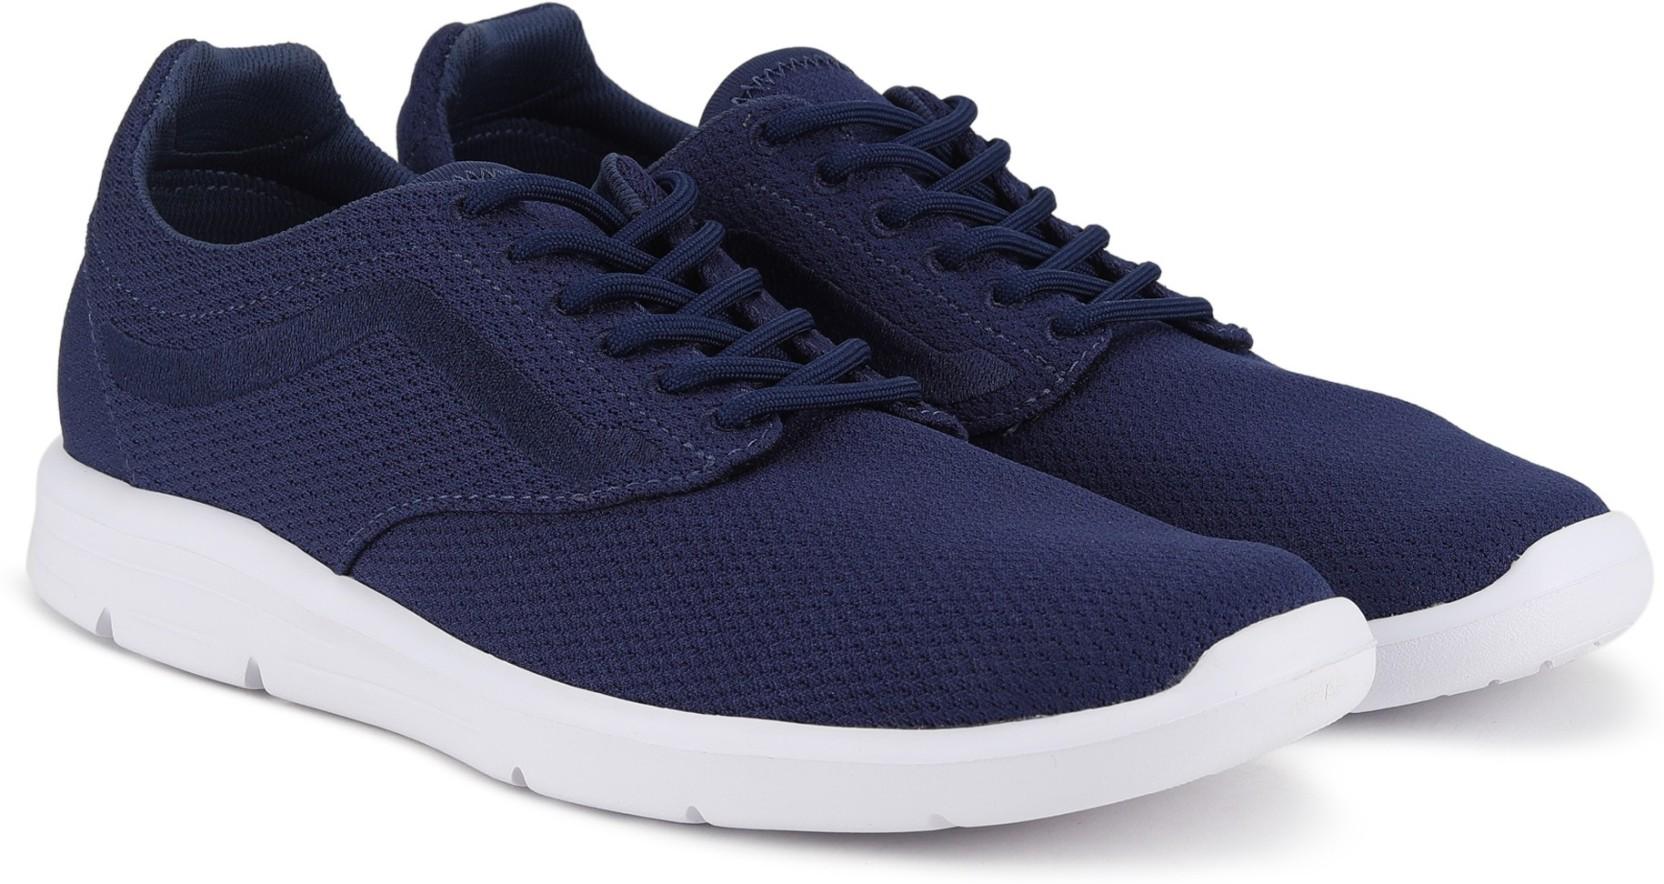 18646aa1301 Vans Iso 1.5 Sneakers For Men - Buy Vans Iso 1.5 Sneakers For Men ...